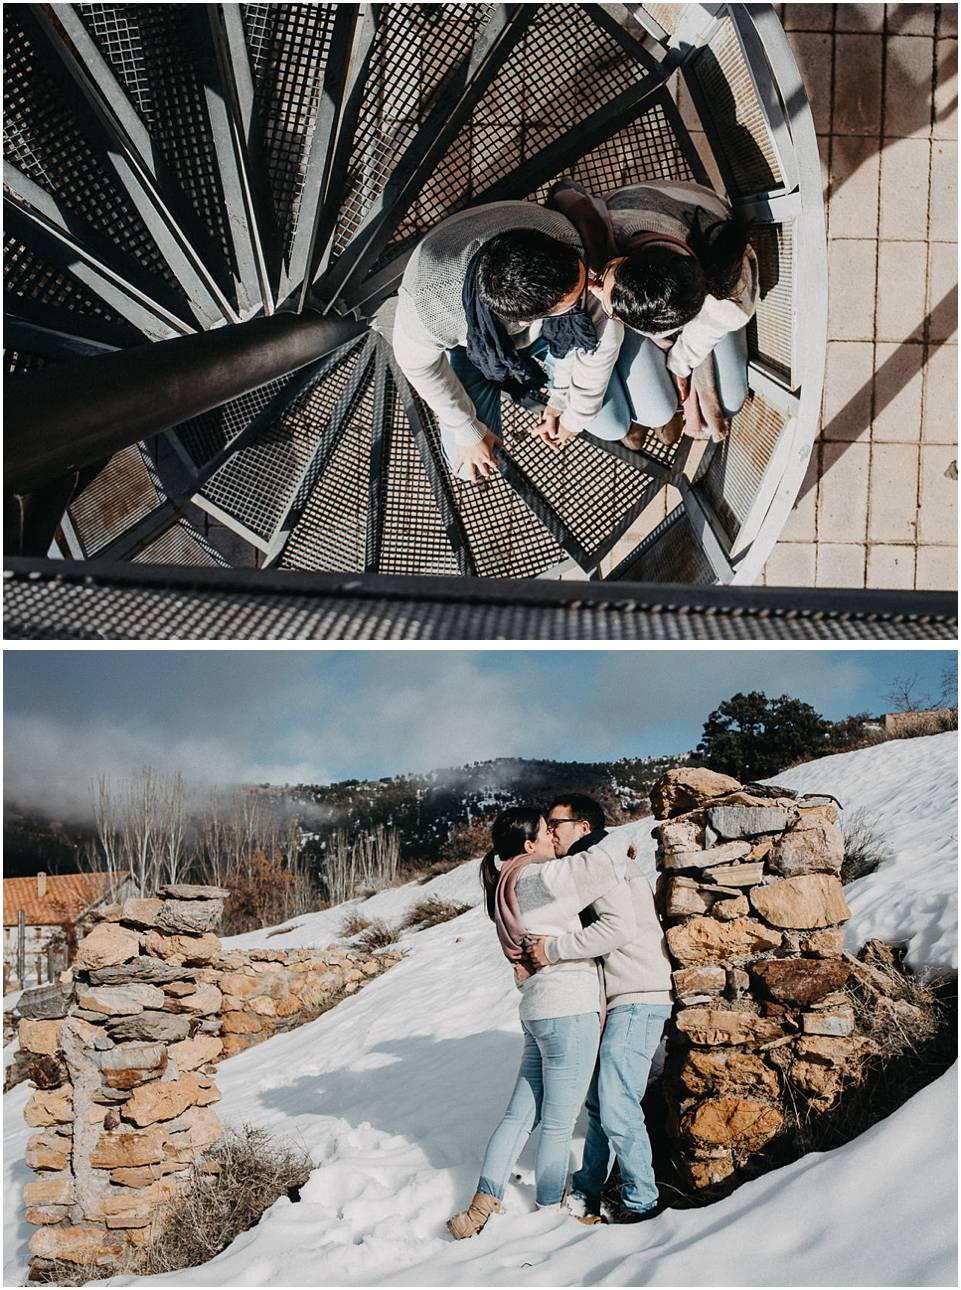 sesion fotografica de pareja en la nieve